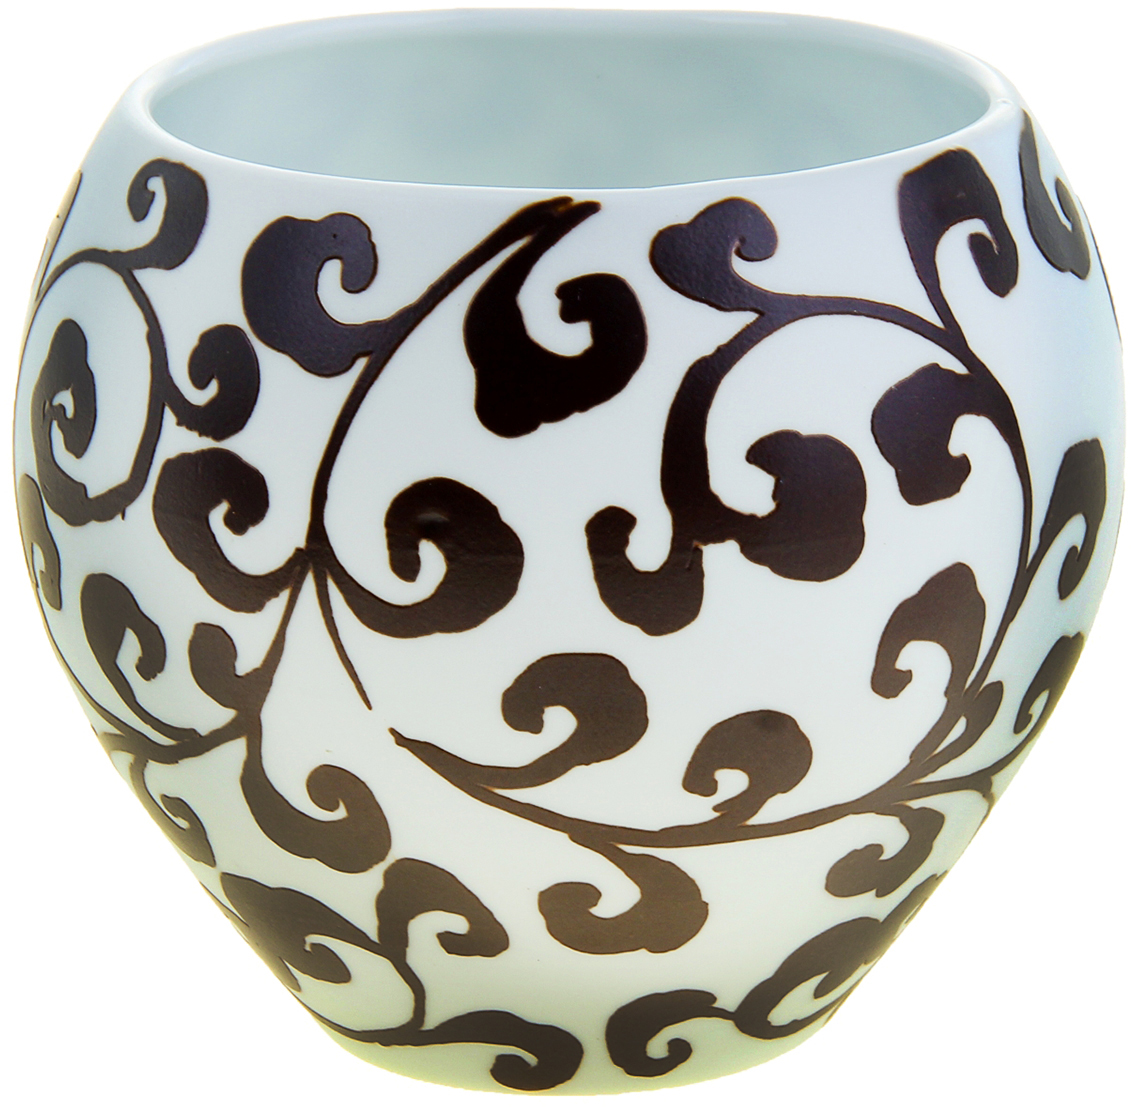 Ваза Узор Флора - ветви, цвет: коричневый, белый, 11,5 см1044649Вьетнамские мастера создали прекрасную вазу с узором Флора из высокопрочной керамики. Искусные ремесленники самостоятельно заготавливали смесь, форму, сушили, обжигали, а затем расписывали её особым «природным ажуром».Ваза Узор Флора - ветви - истинное произведение искусства, которое достойно даже самого трепетного ценителя керамического искусства. Представьте, как изысканно эта красавица будет смотреться в интерьере любой комнаты, привлекая взгляды и улыбки восхищения. Преподнесите её даме на 8 Марта, День рождения или любой другой праздник.